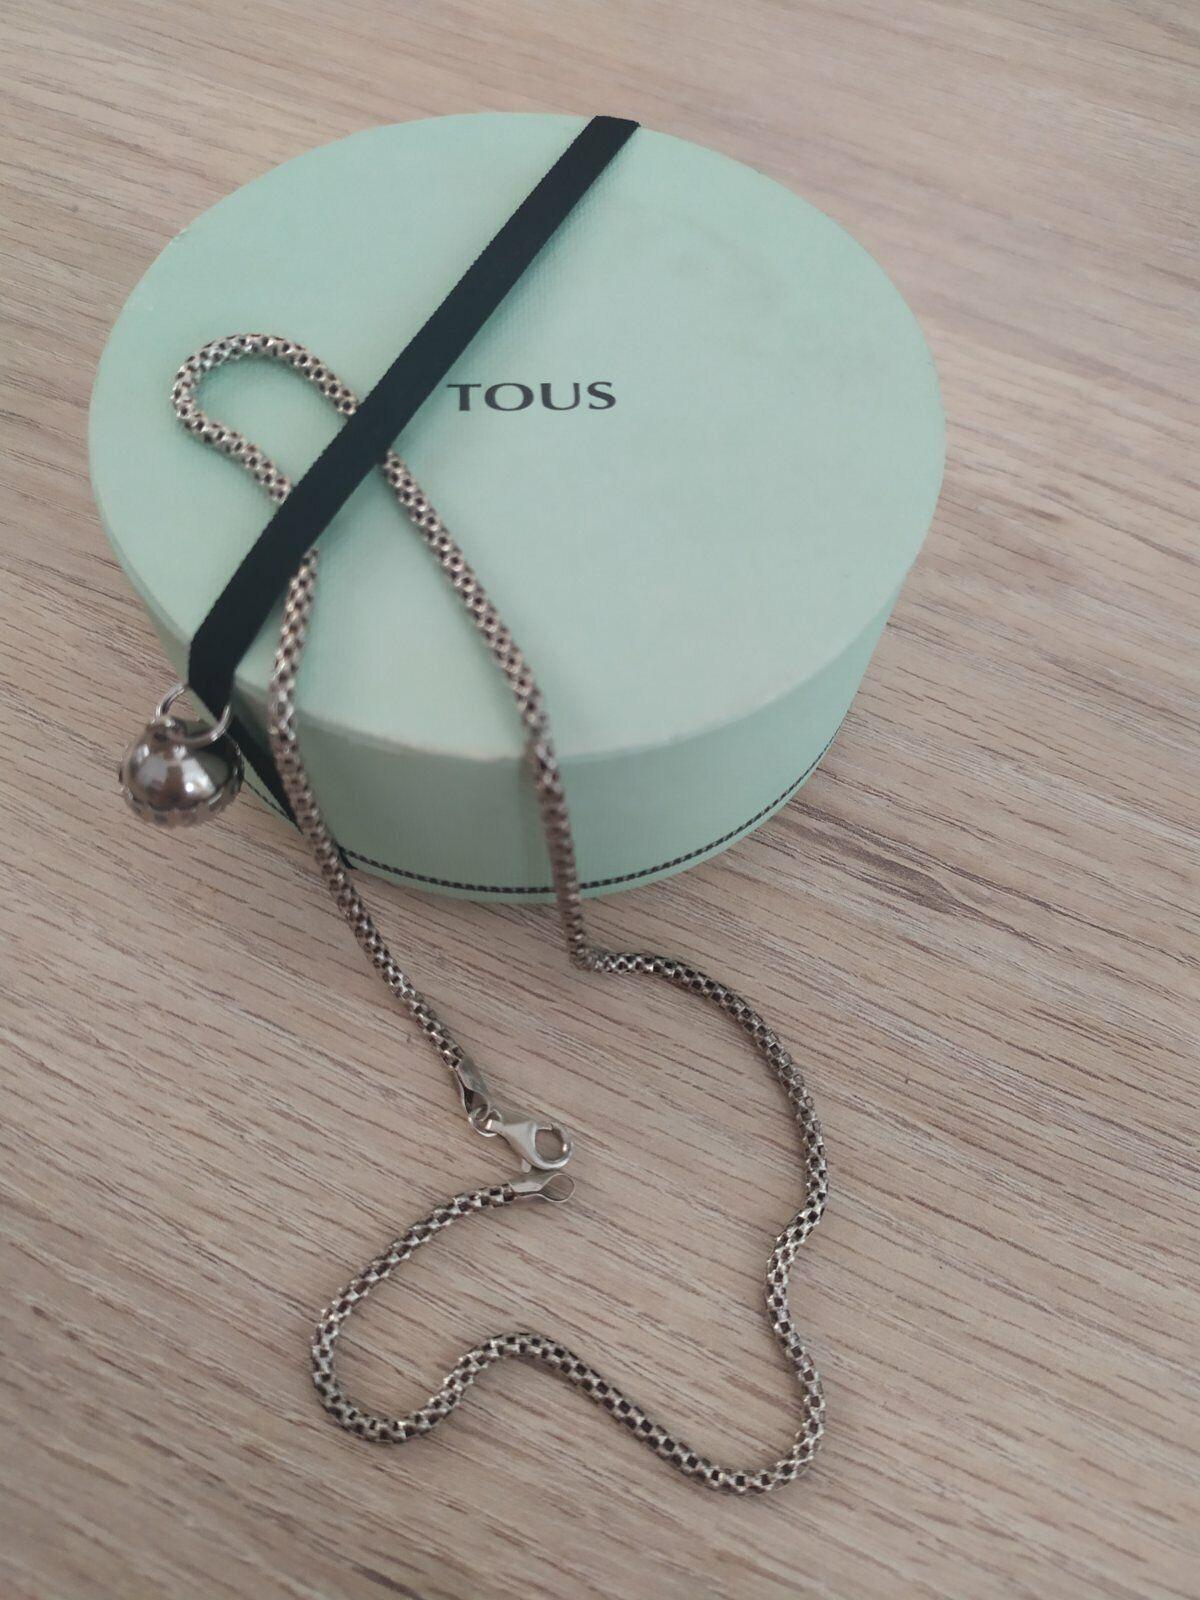 TOUS Necklace Collar De Plata ley 925 / TOUS Necklace 925 Sterling...